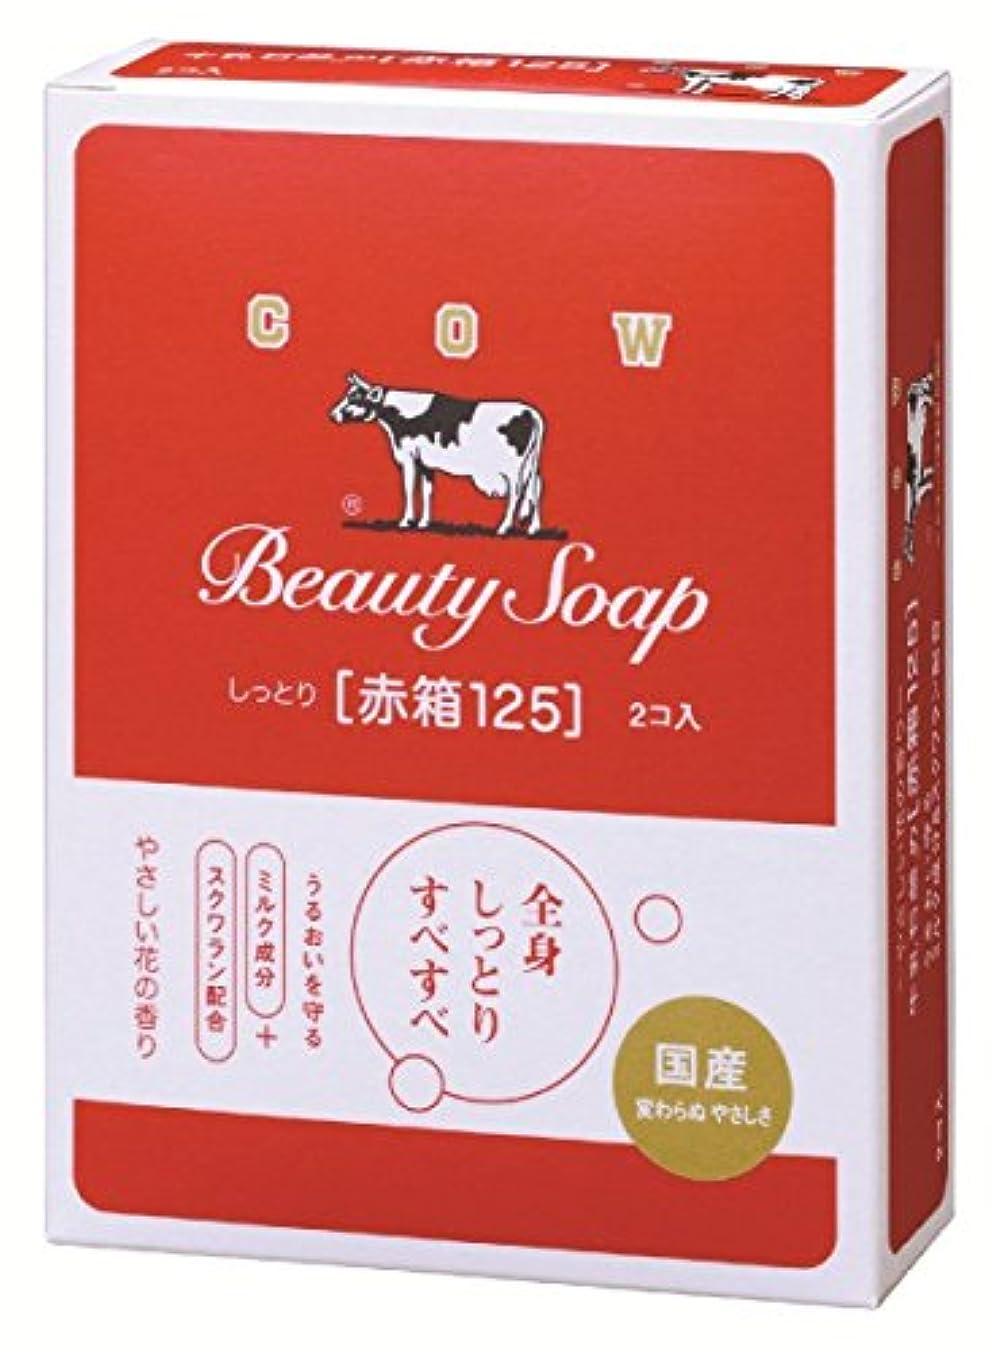 ゴールデンドロー致命的な牛乳石鹸共進社 カウブランド 赤箱 125g×2